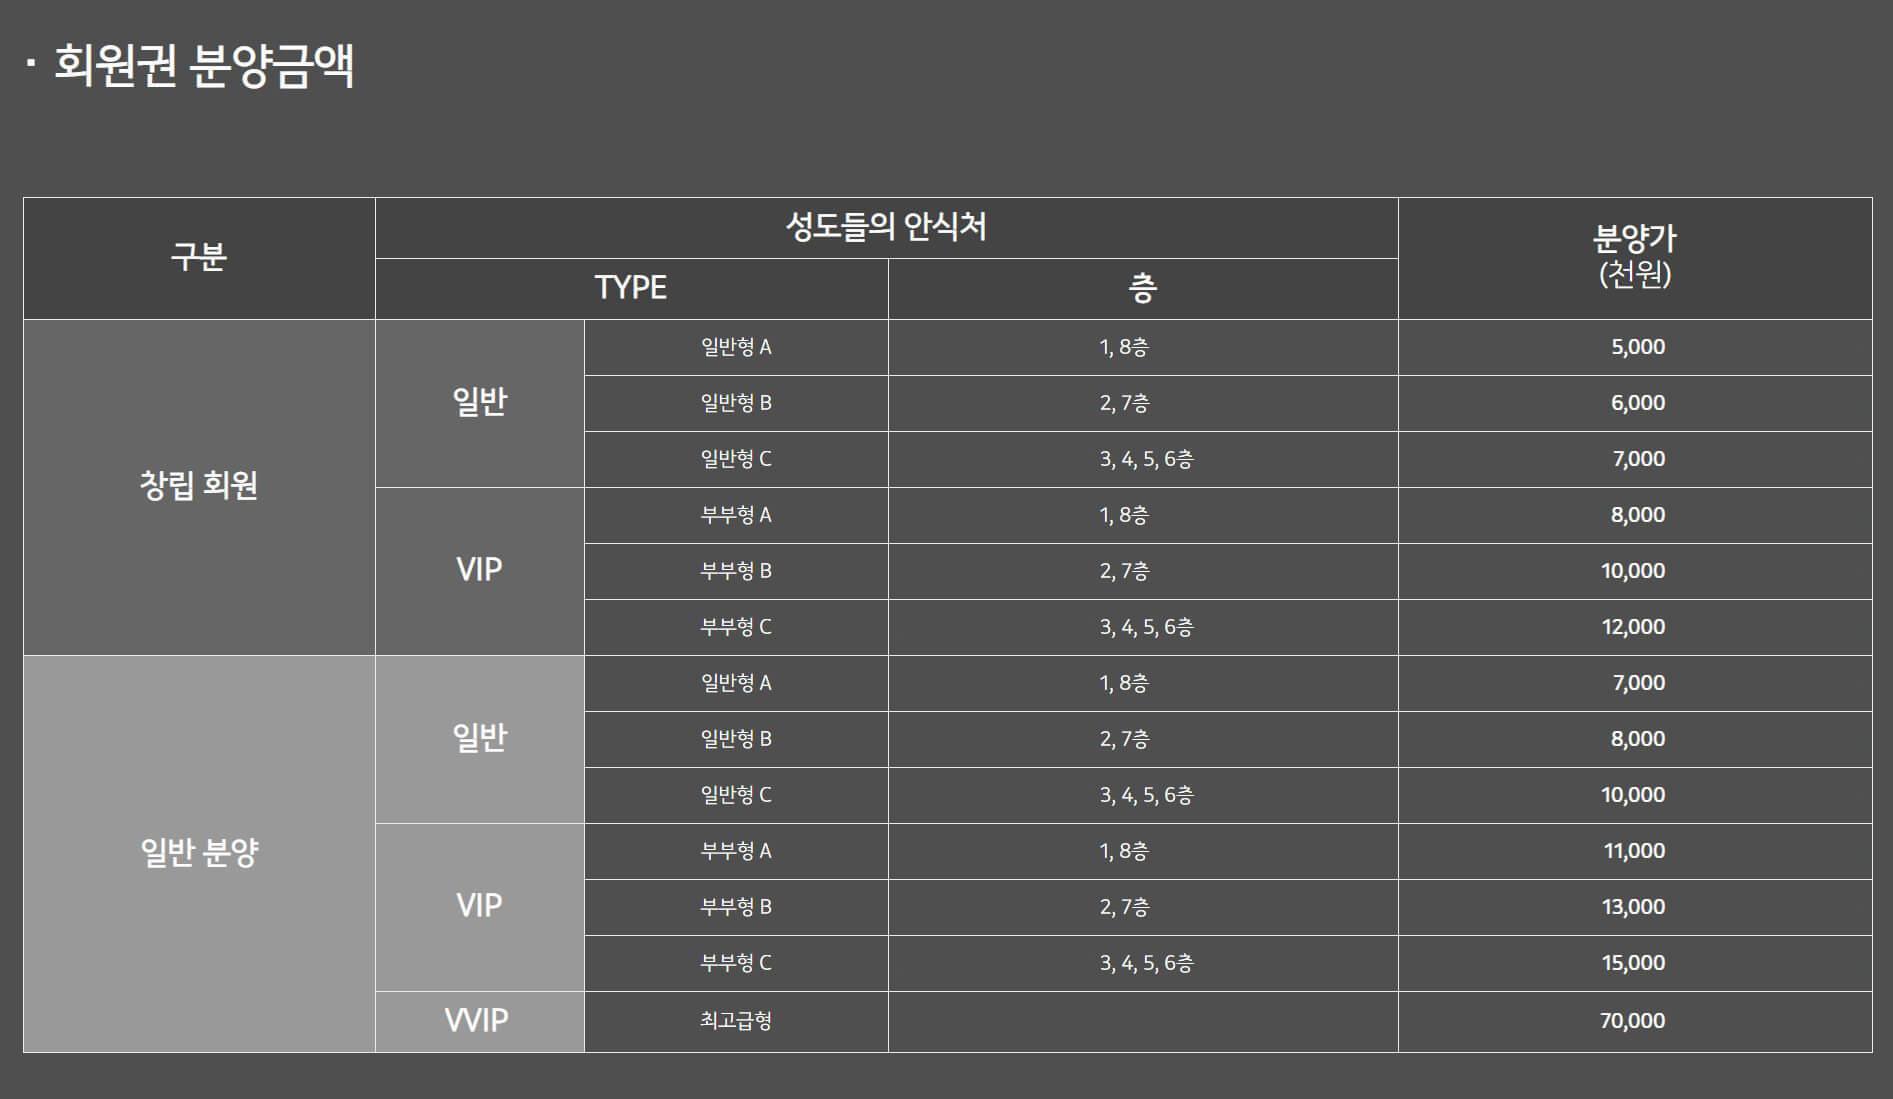 한국기독교성지문화원 회원권 분양금액 안내표